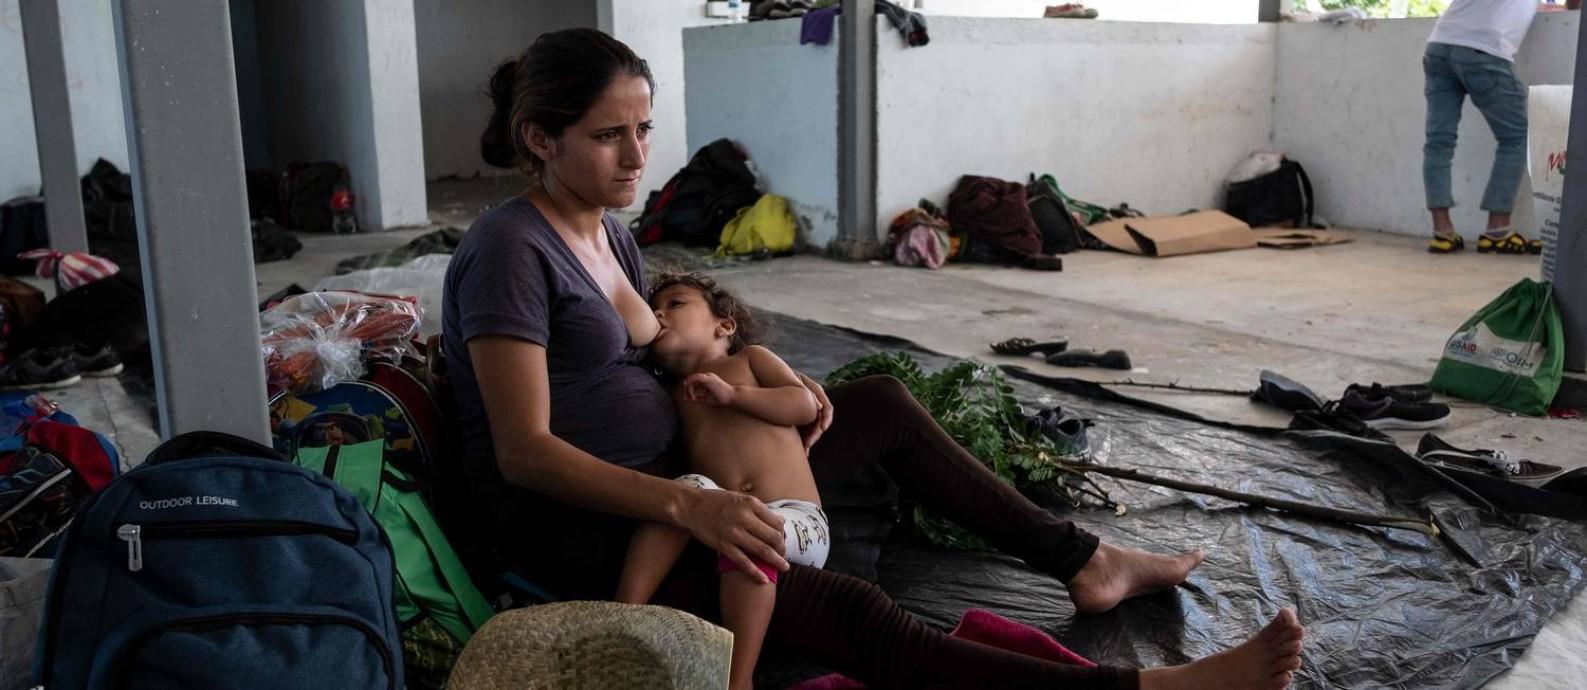 A hondurenha Sandra Aracely Gutierrez, de 22 anos, grávida e com filha pequena: viajando rumo ao sonho americano Foto: GUILLERMO ARIAS / AFP